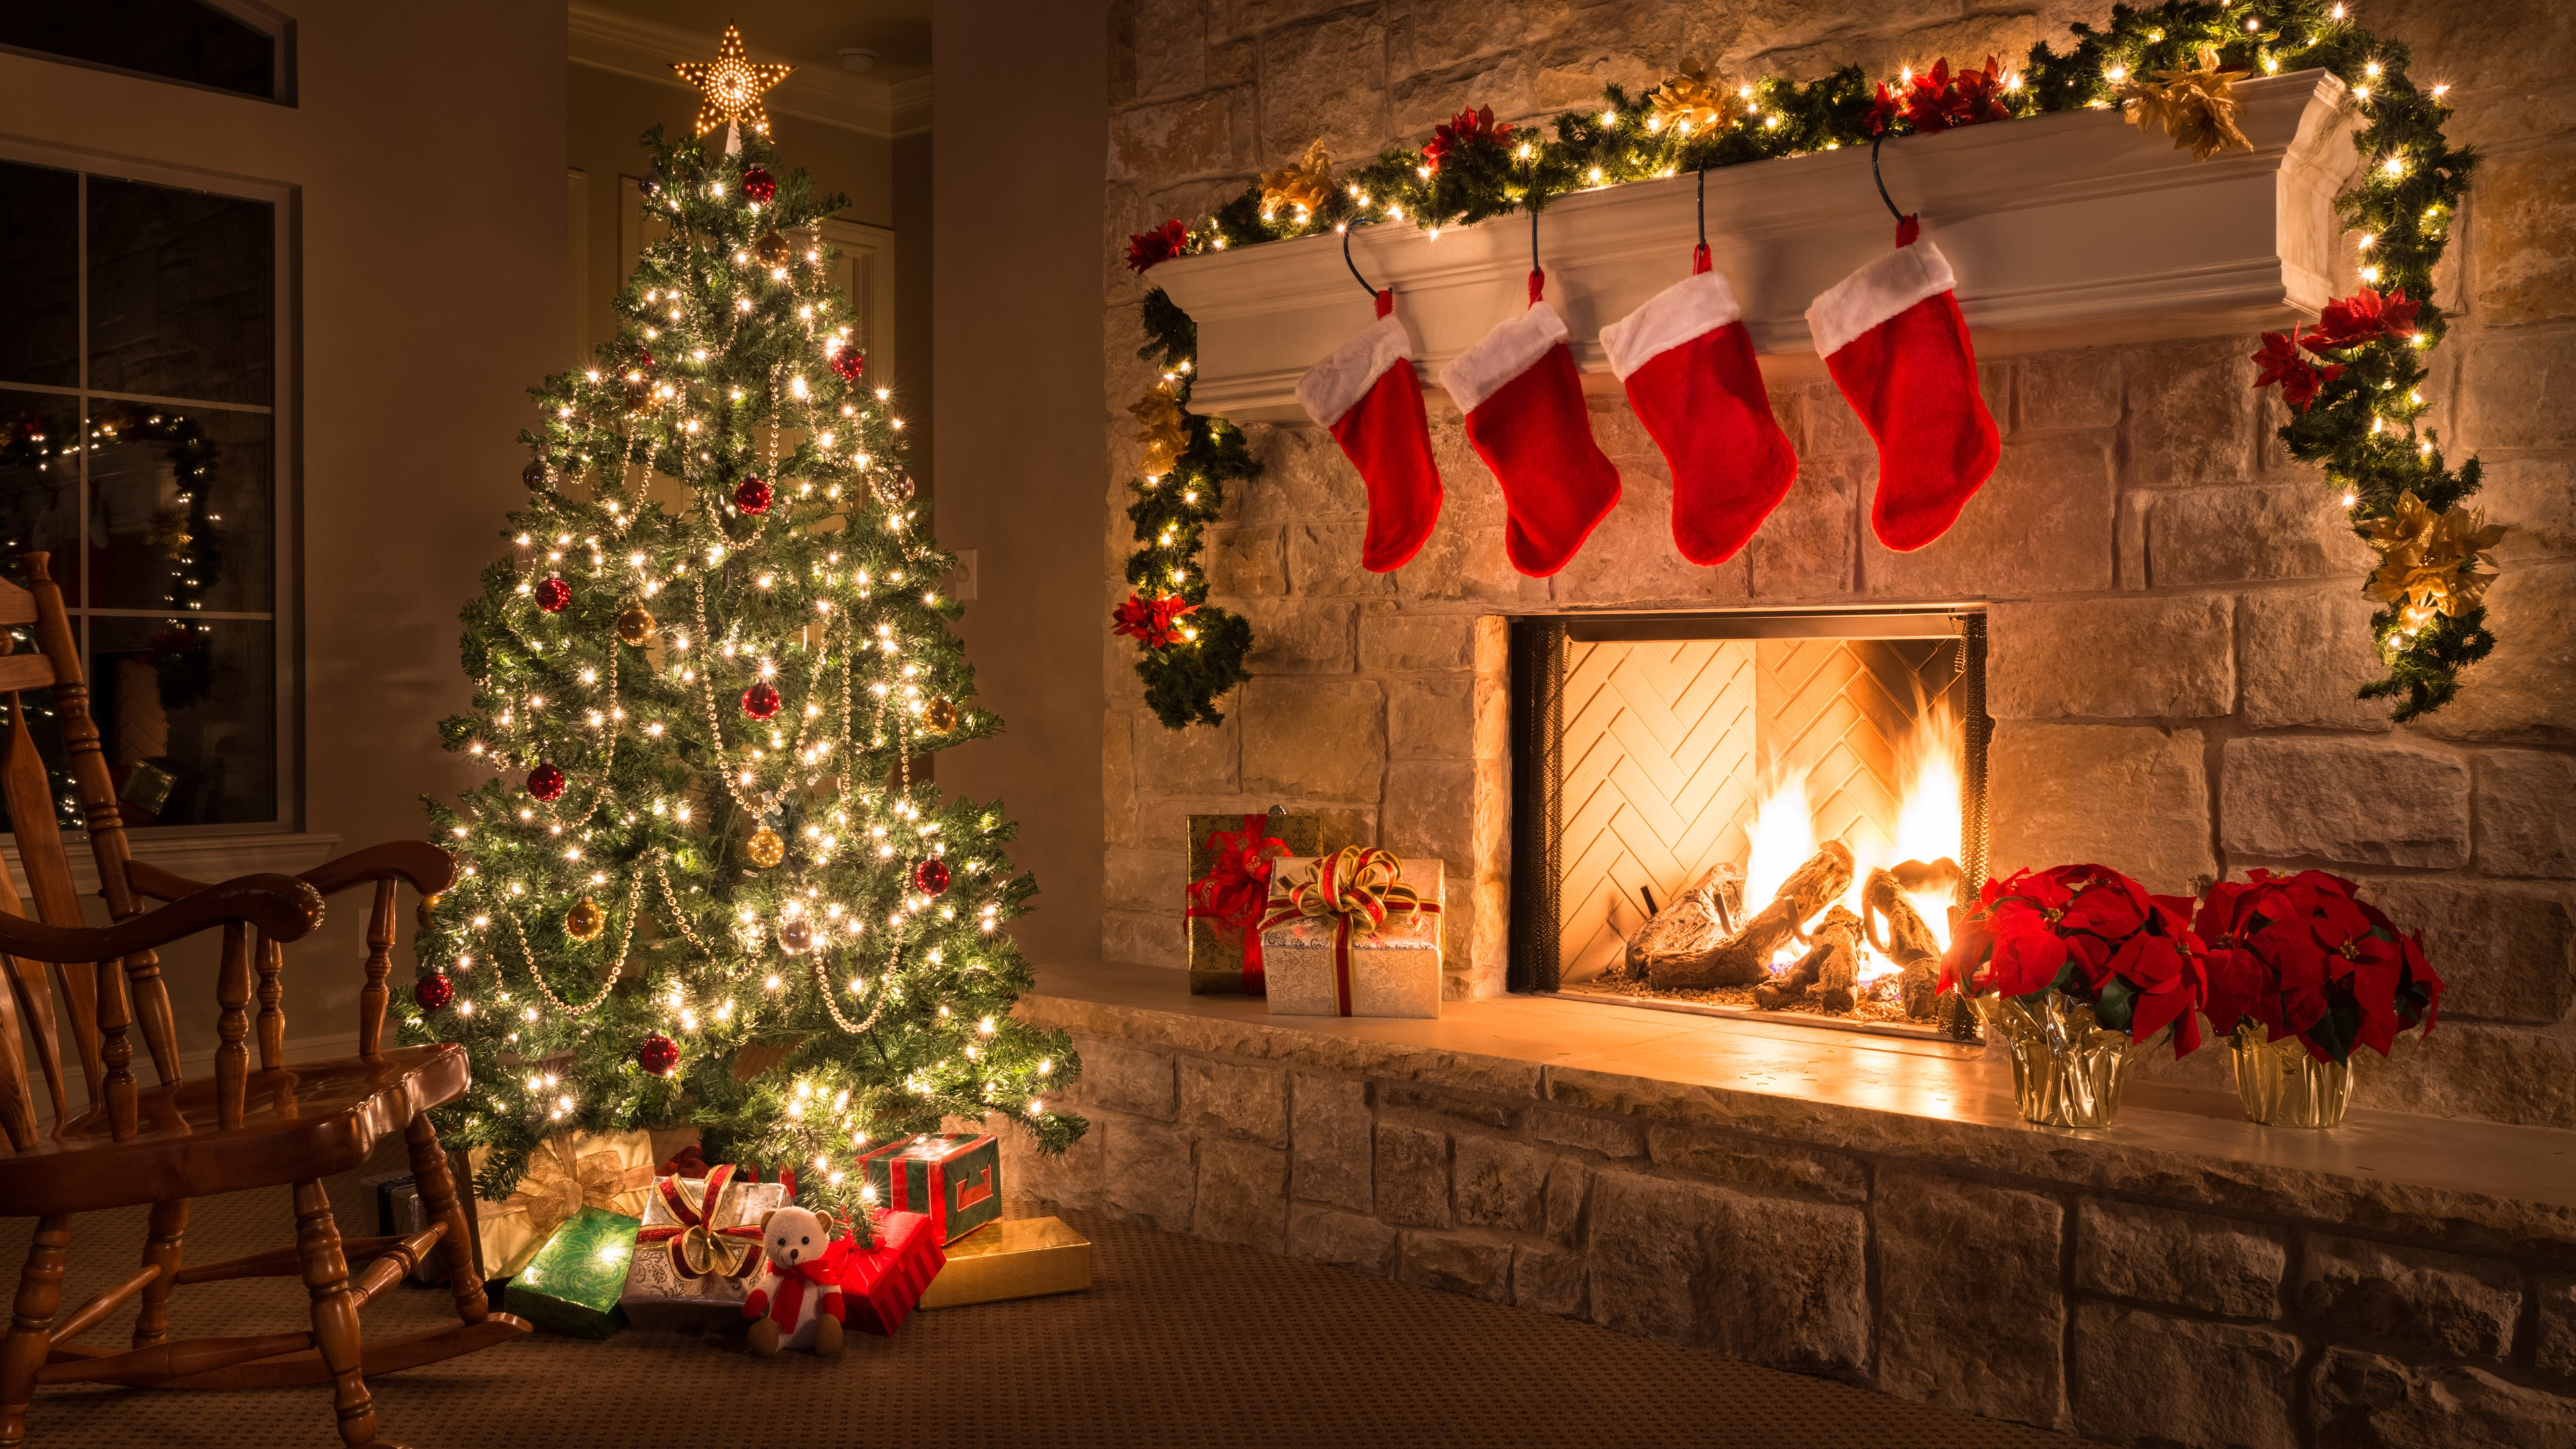 44 Christmas Home Wallpapers On Wallpapersafari